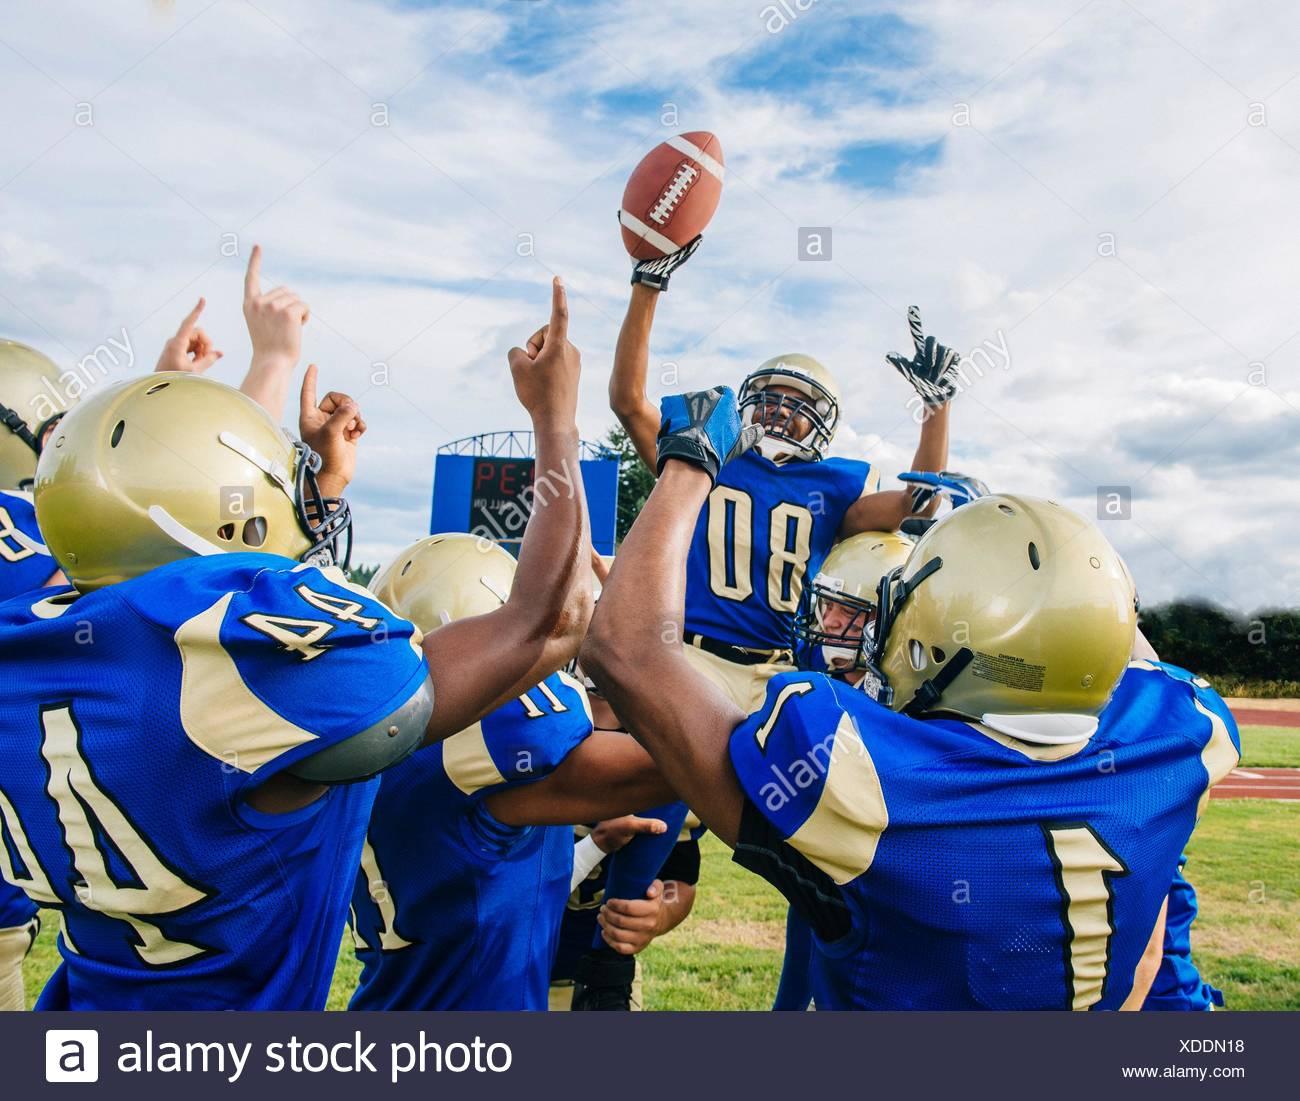 Les adolescentes et les jeunes équipes de football américain célébrant la victoire sur terrain de football Banque D'Images